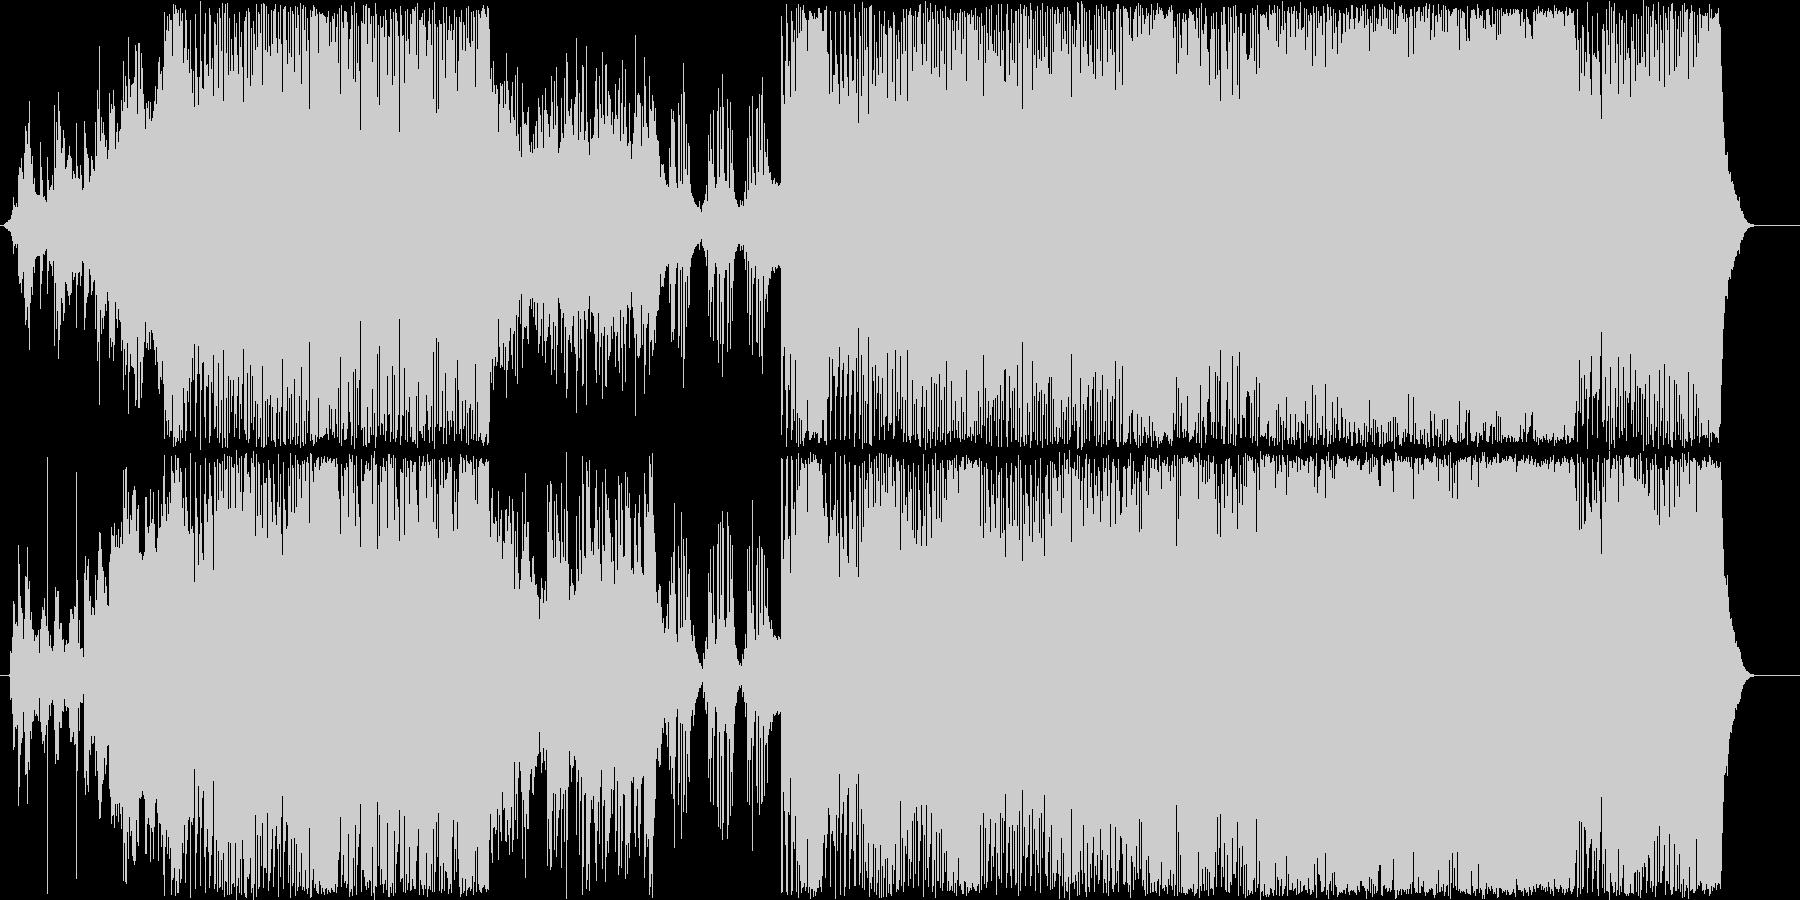 和風ハウス的なダンス系ミュージックの未再生の波形